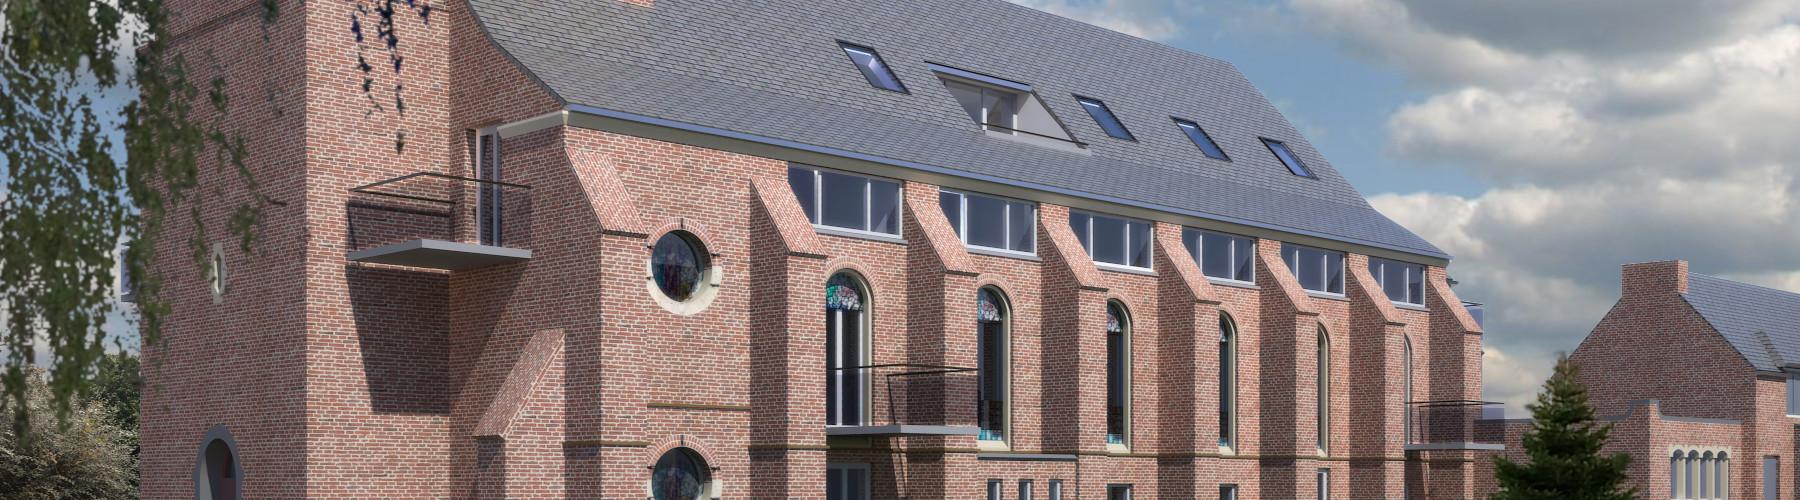 Herbestemming Kerkgebouw te Landgraaf door BEELEN CS architecten bv